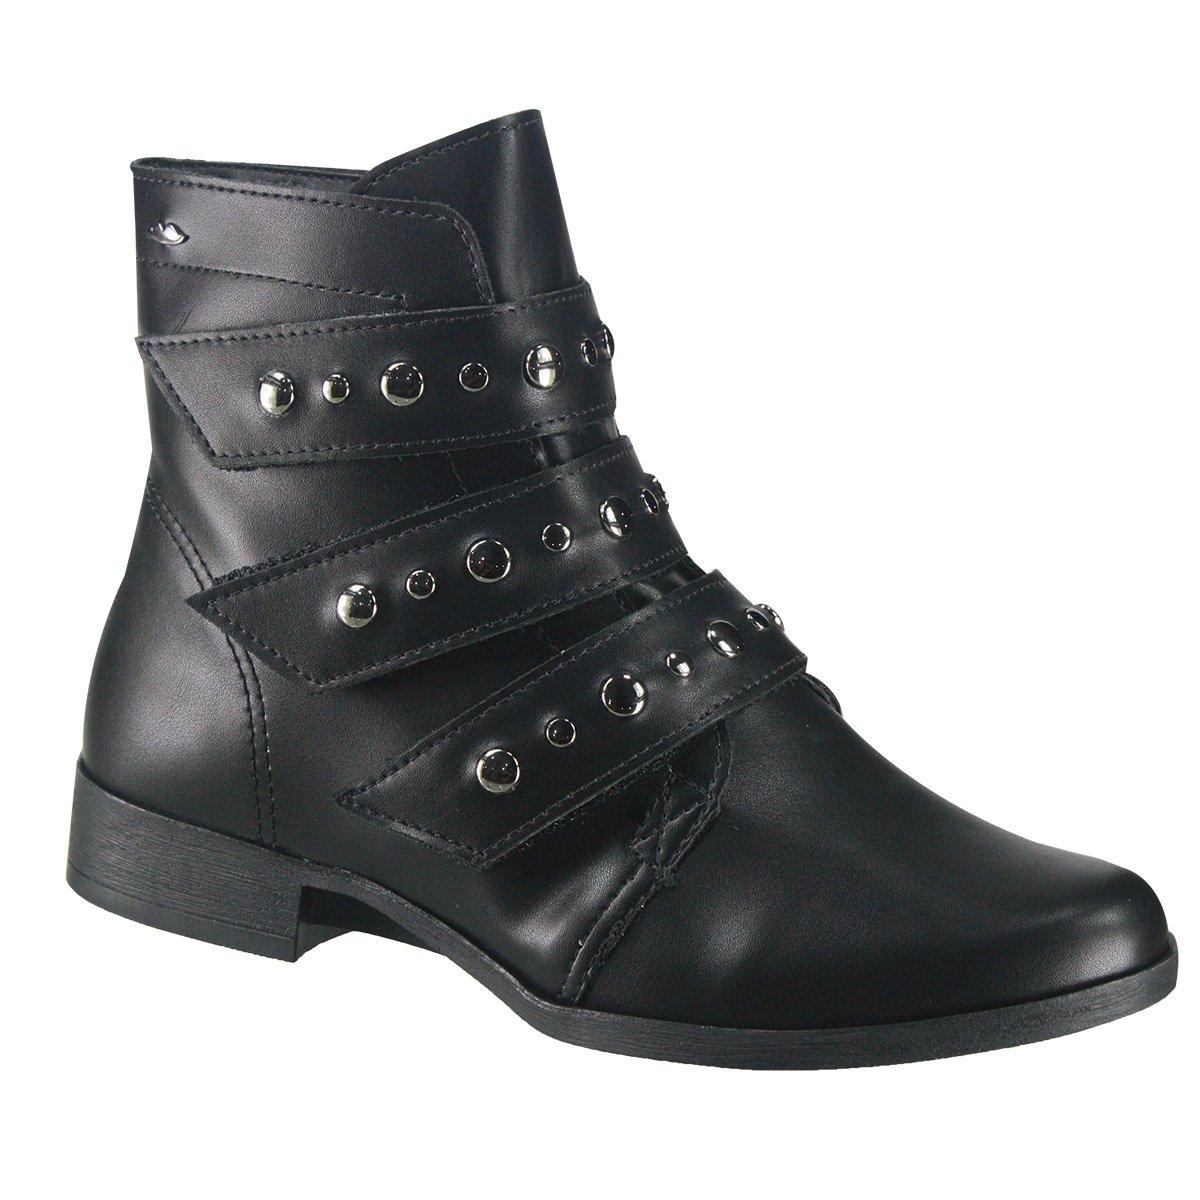 0a2918464e Bota Feminina Dakota Coturno B9892 0001 - Preto (Argan) - Calçados ...